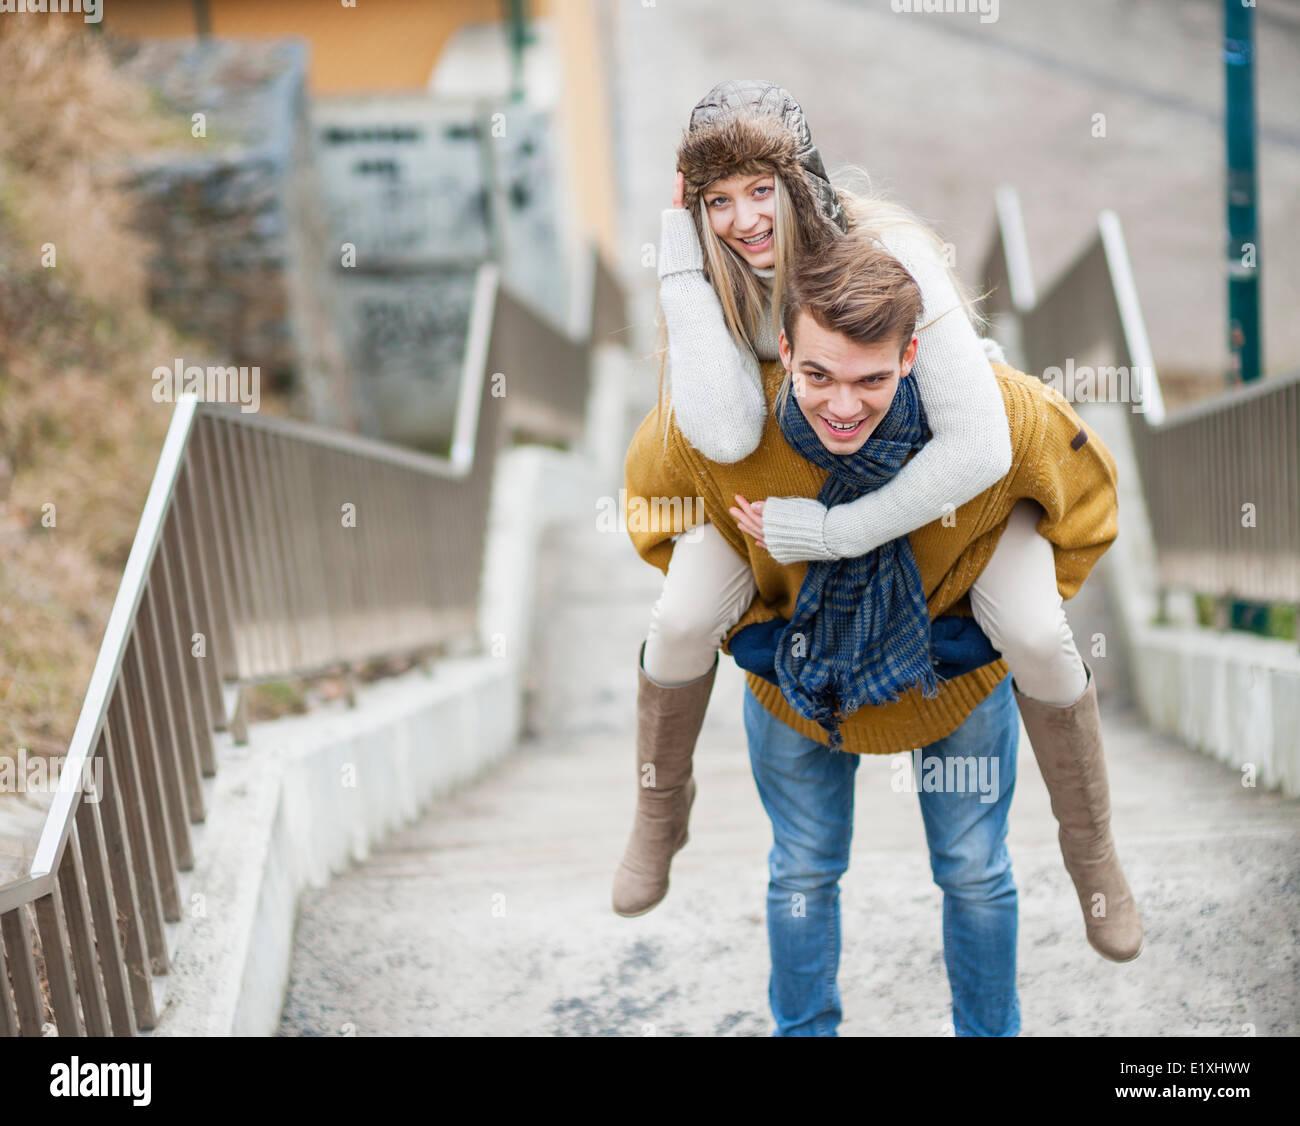 Retrato de mujer sonriente que se superpone al hombre en escalera Imagen De Stock